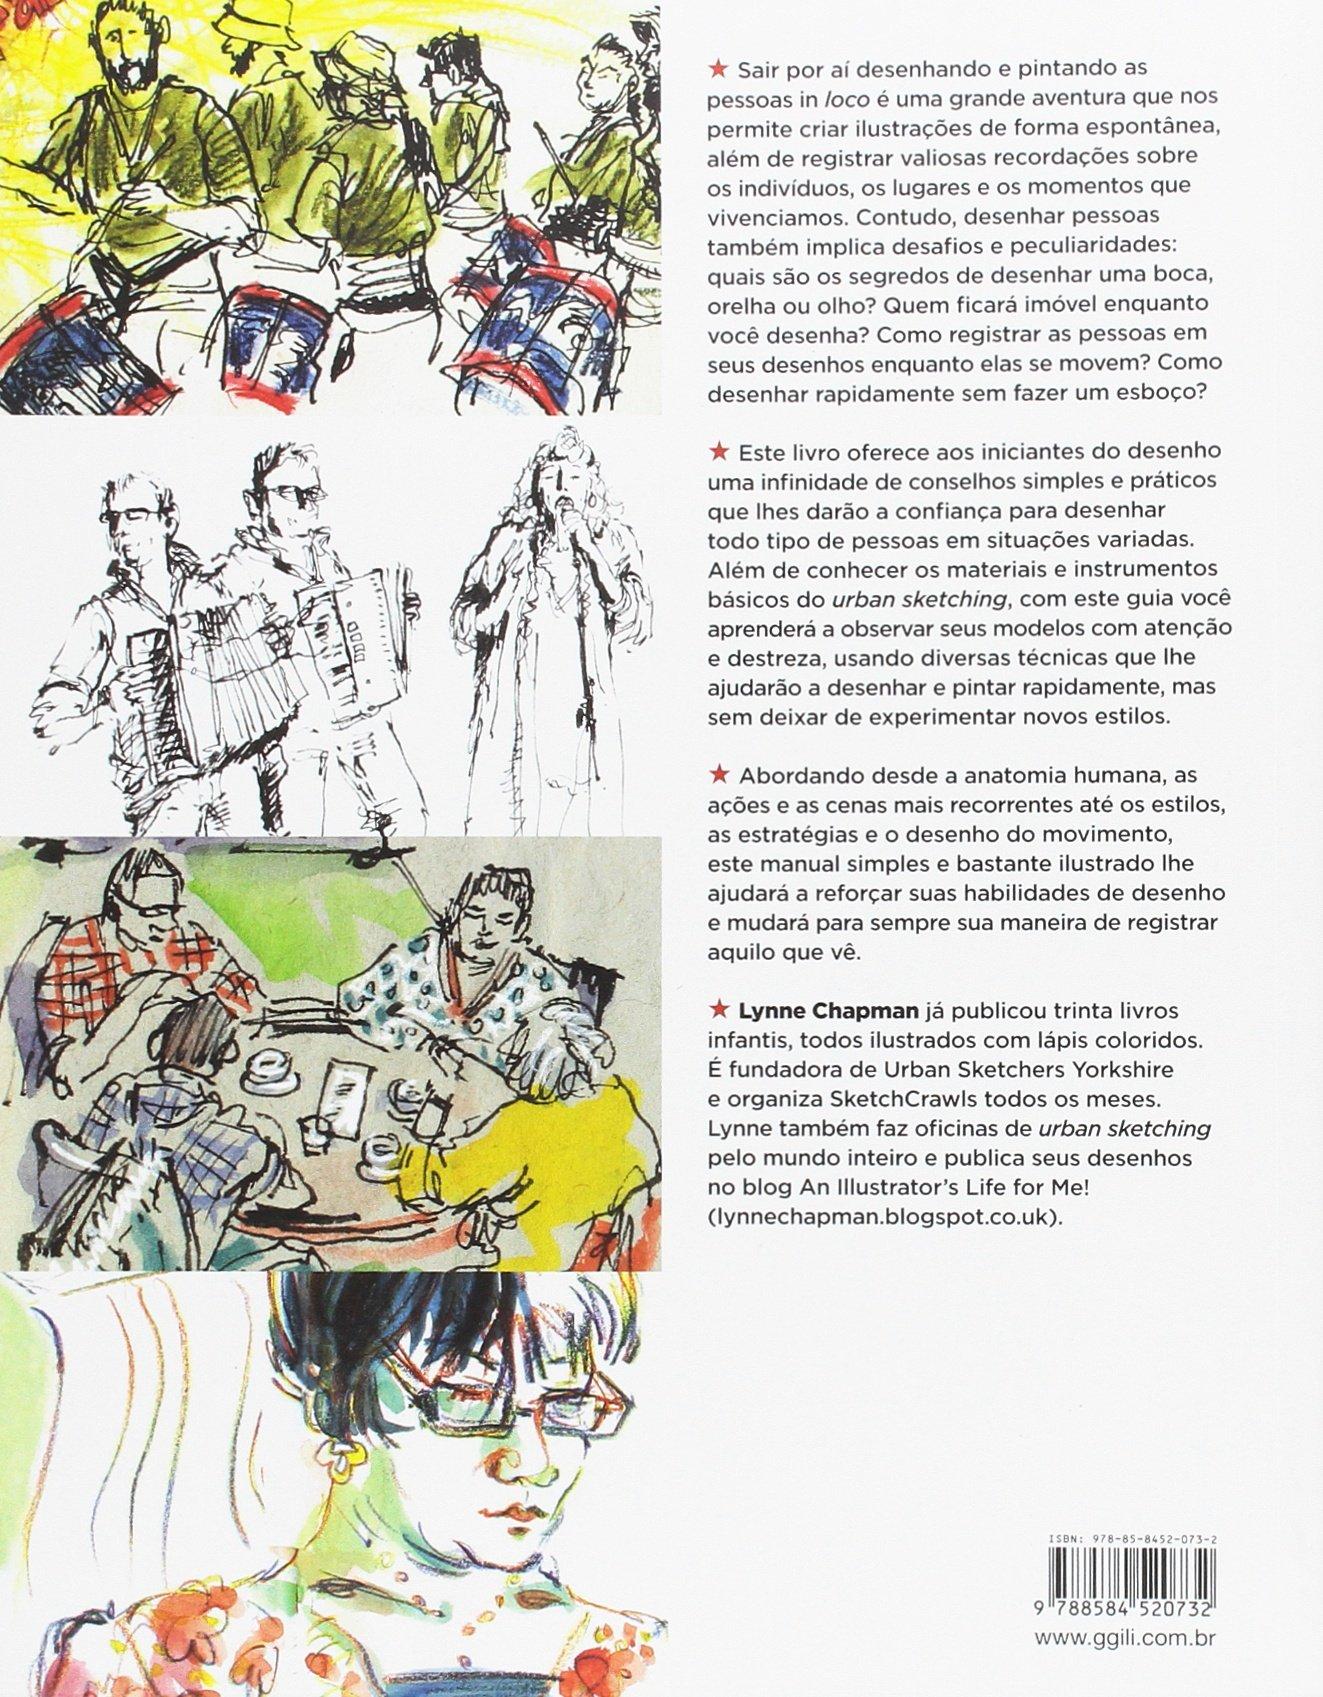 Desenhando Pessoas Em Ação Guia Prático Para Registrar